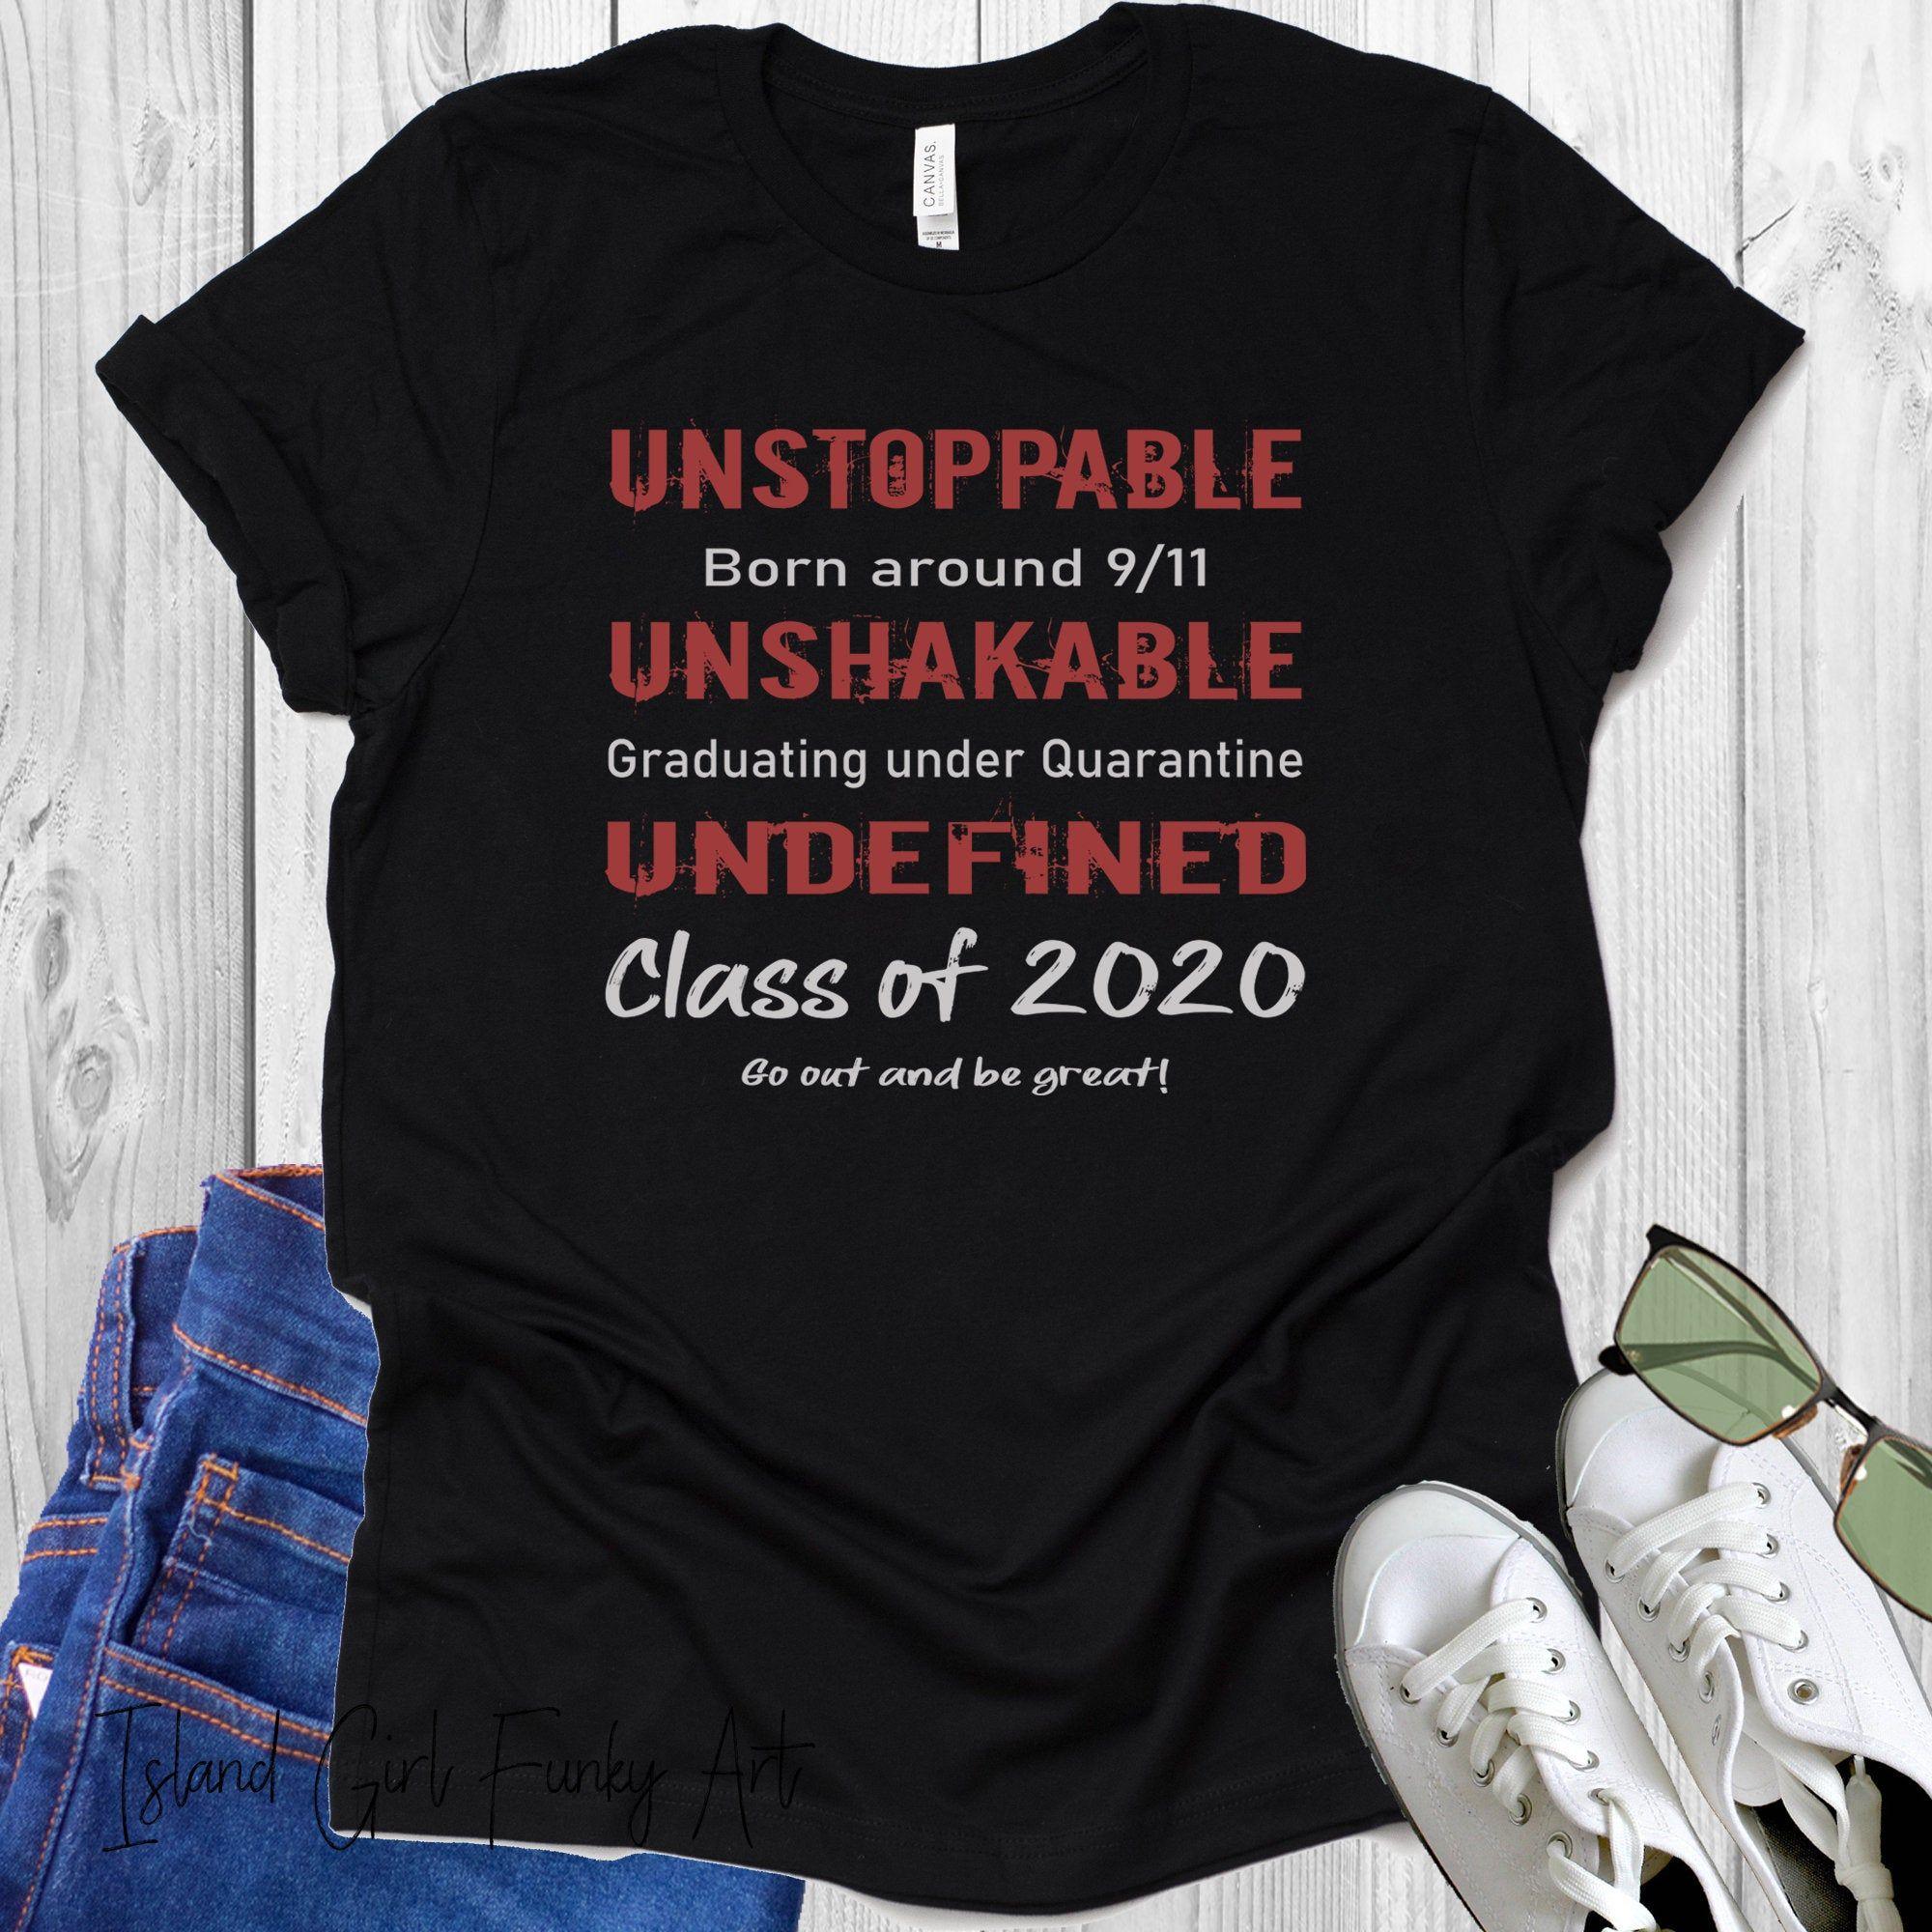 Class Of 2020 T Shirt Graduation 2020 T Shirt Seniors Graduation Shirt Unisex Jersey Graduation Shirts Graduation Shirts For Family Graduation Quotes Funny